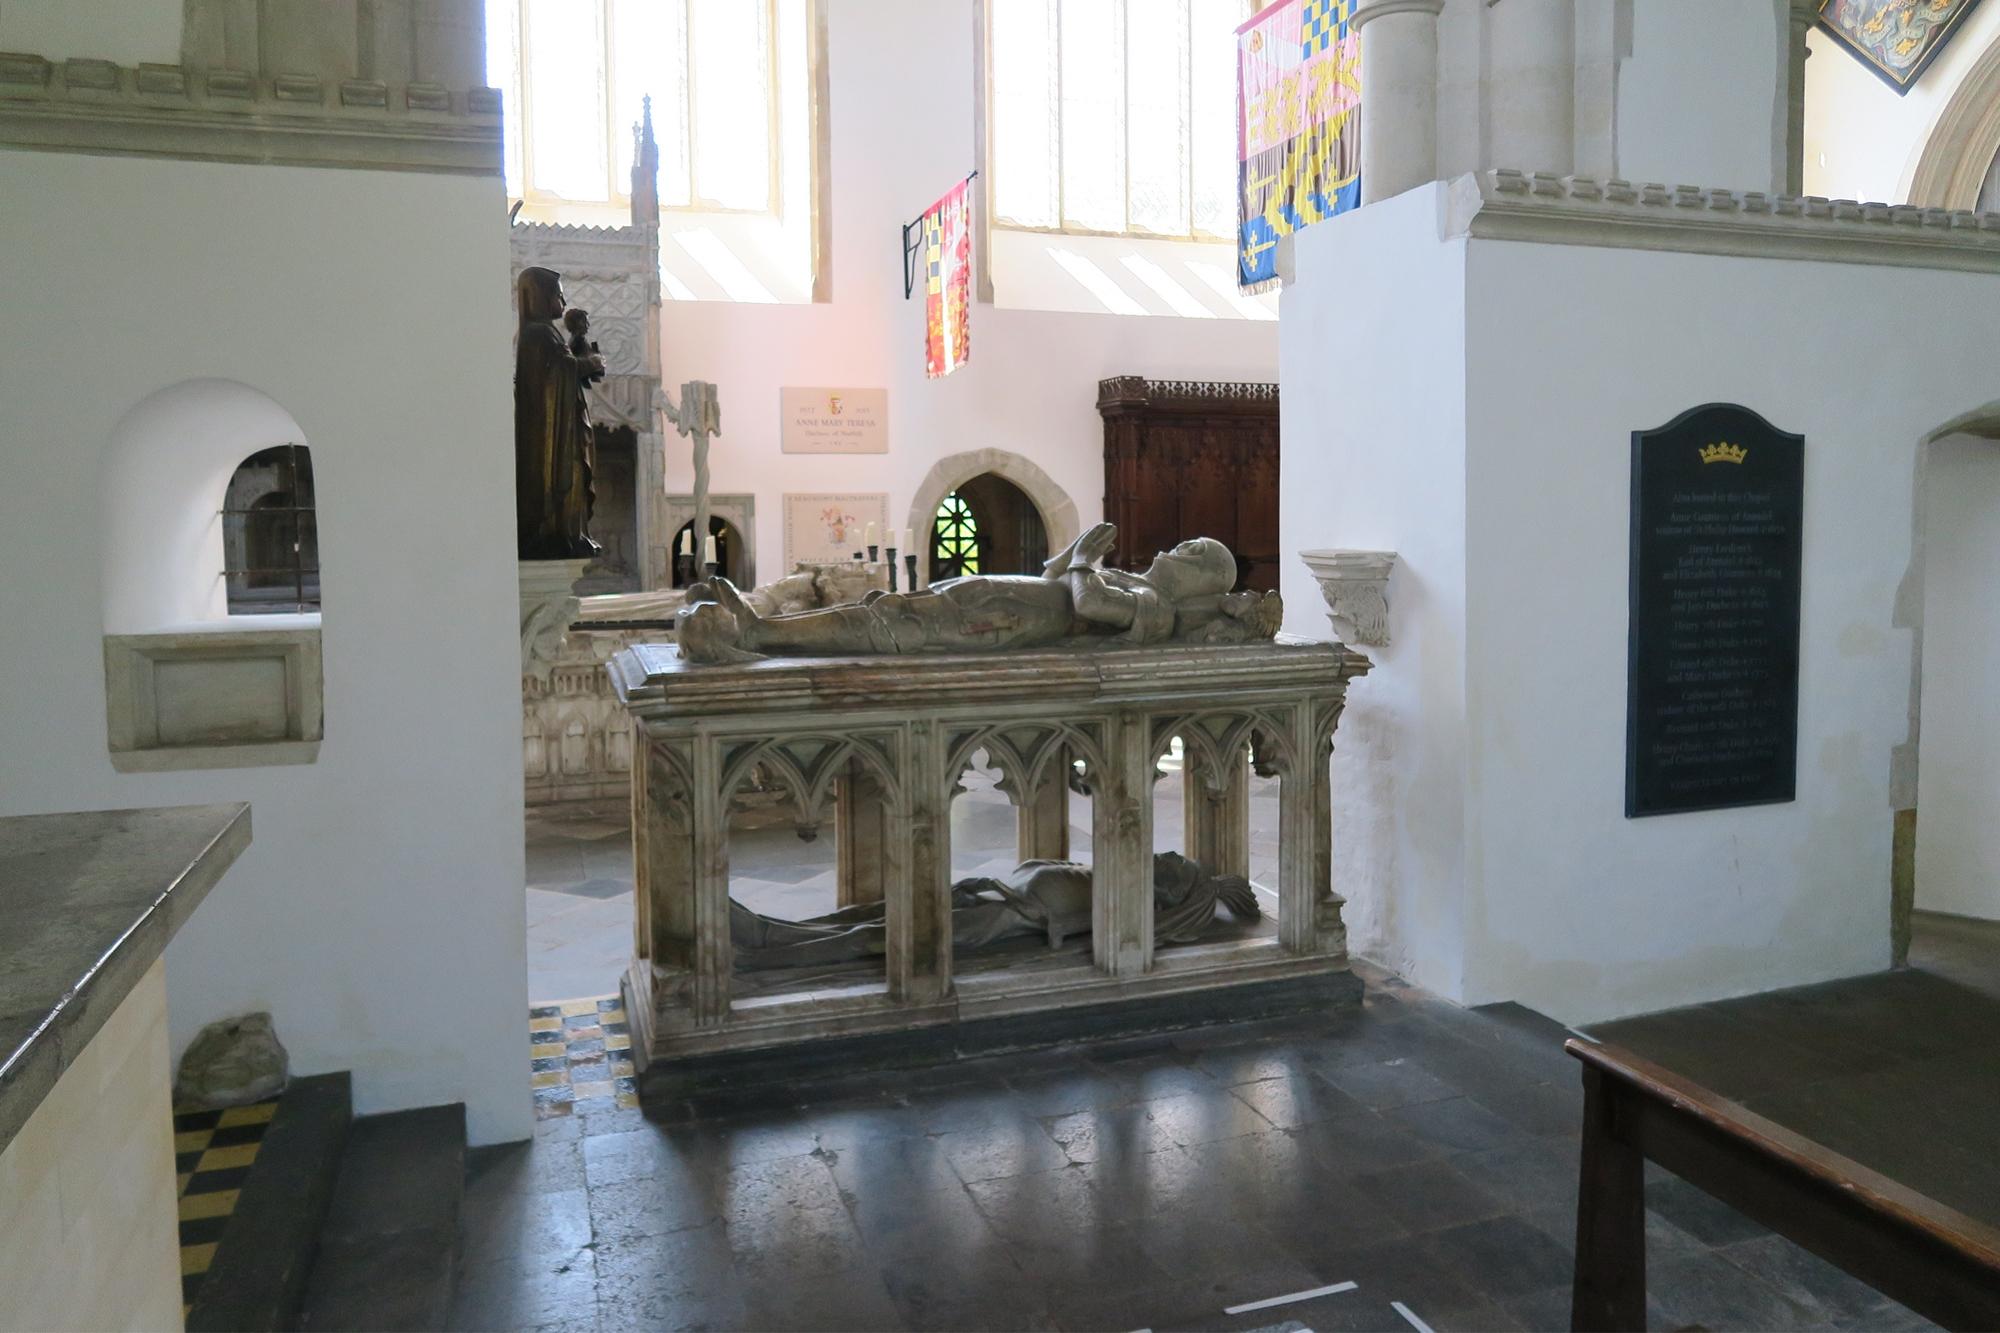 ARUNDEL #2 FITZALAN Chapel